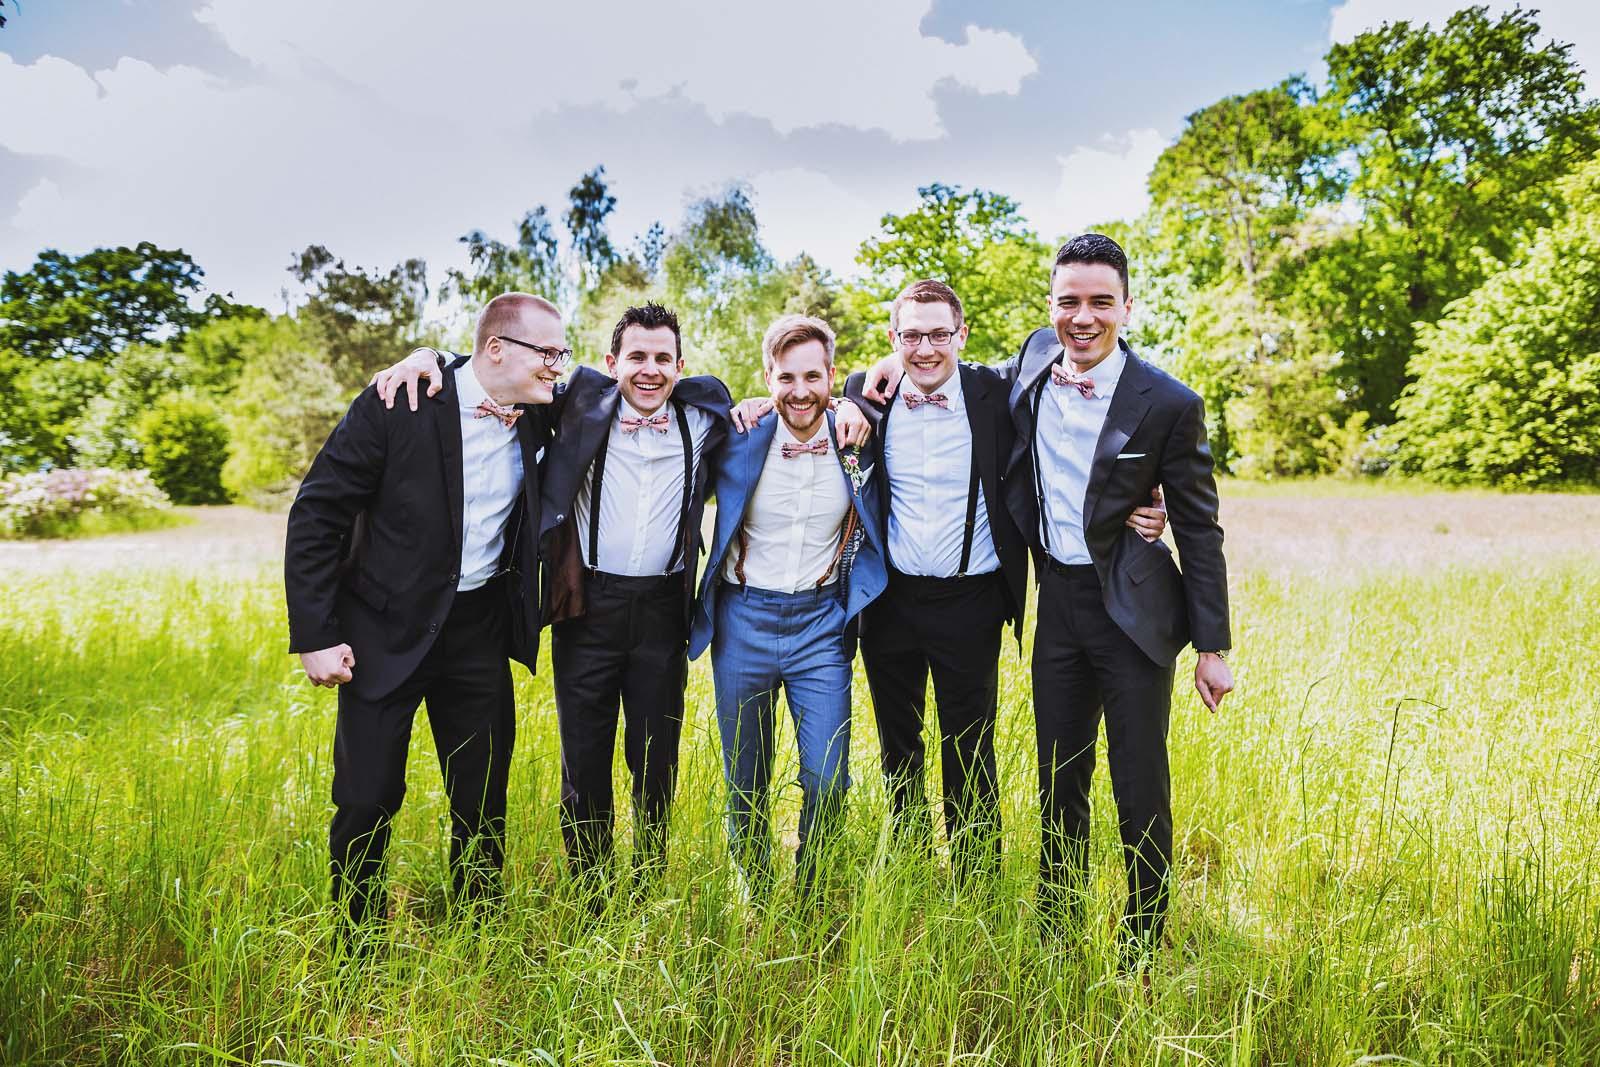 Braeutigam mit Best Men beim Gruppenfoto waehrend einer Hochzeit Copyright by Hochzeitsfotograf www.berliner-hochzeitsfotografie.de